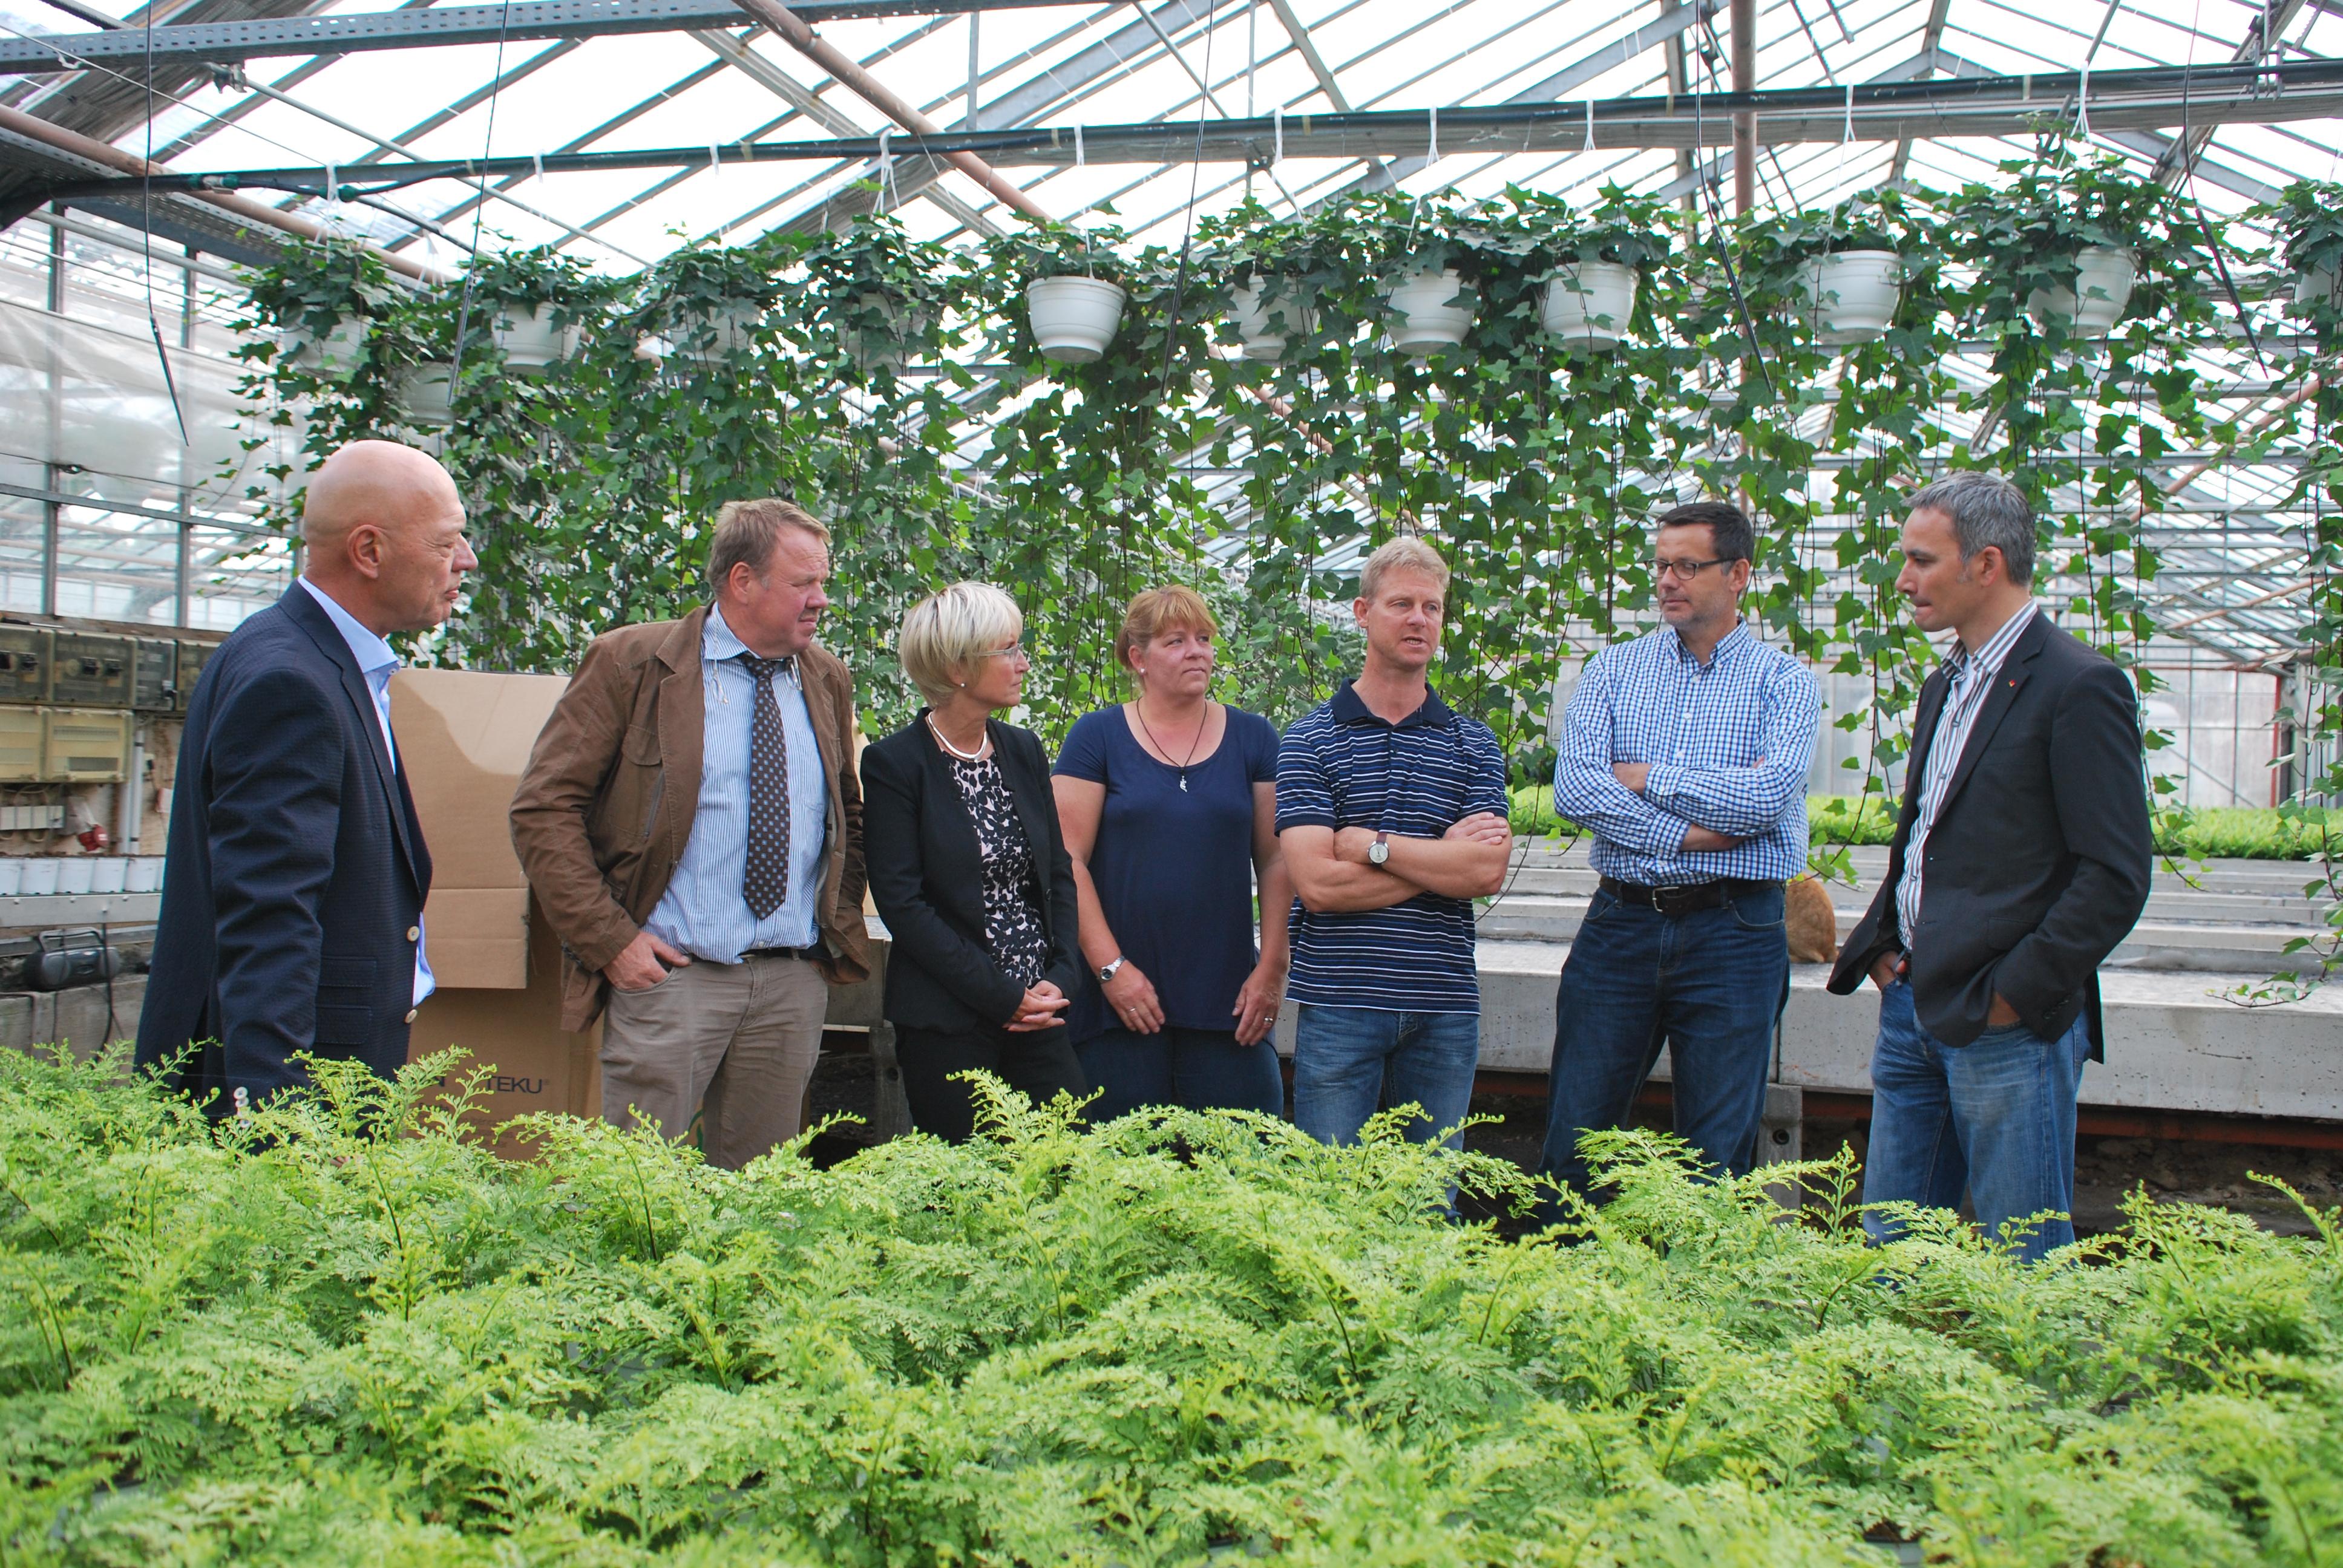 Mit abgeordneten auf tournee gartenbau nrw - Gartenbau borken ...